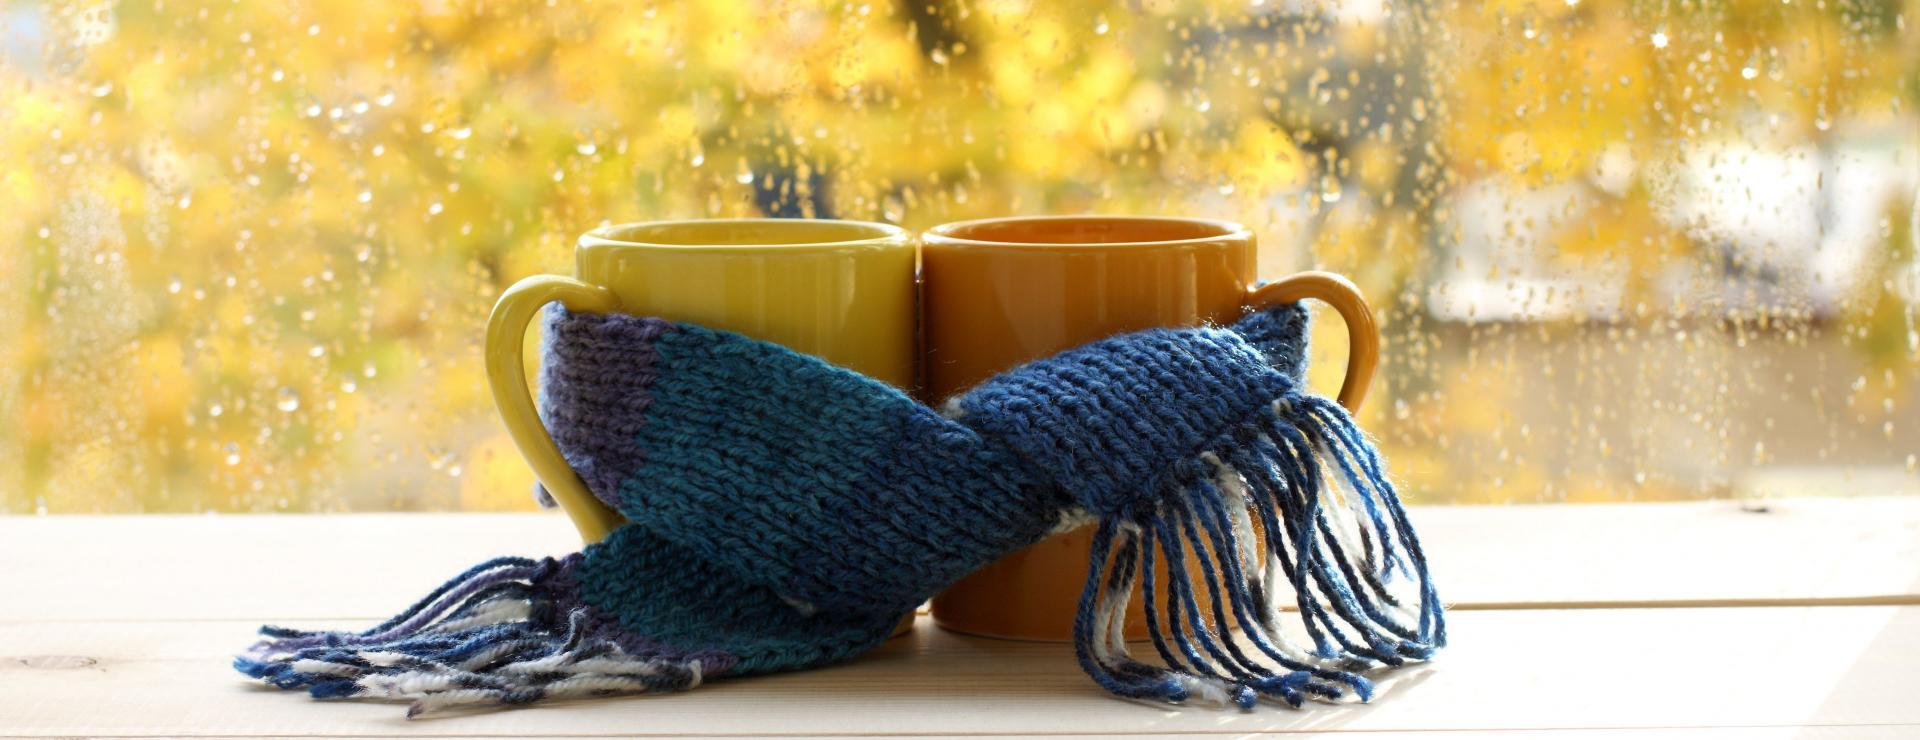 Niske temperature - zaštitite se